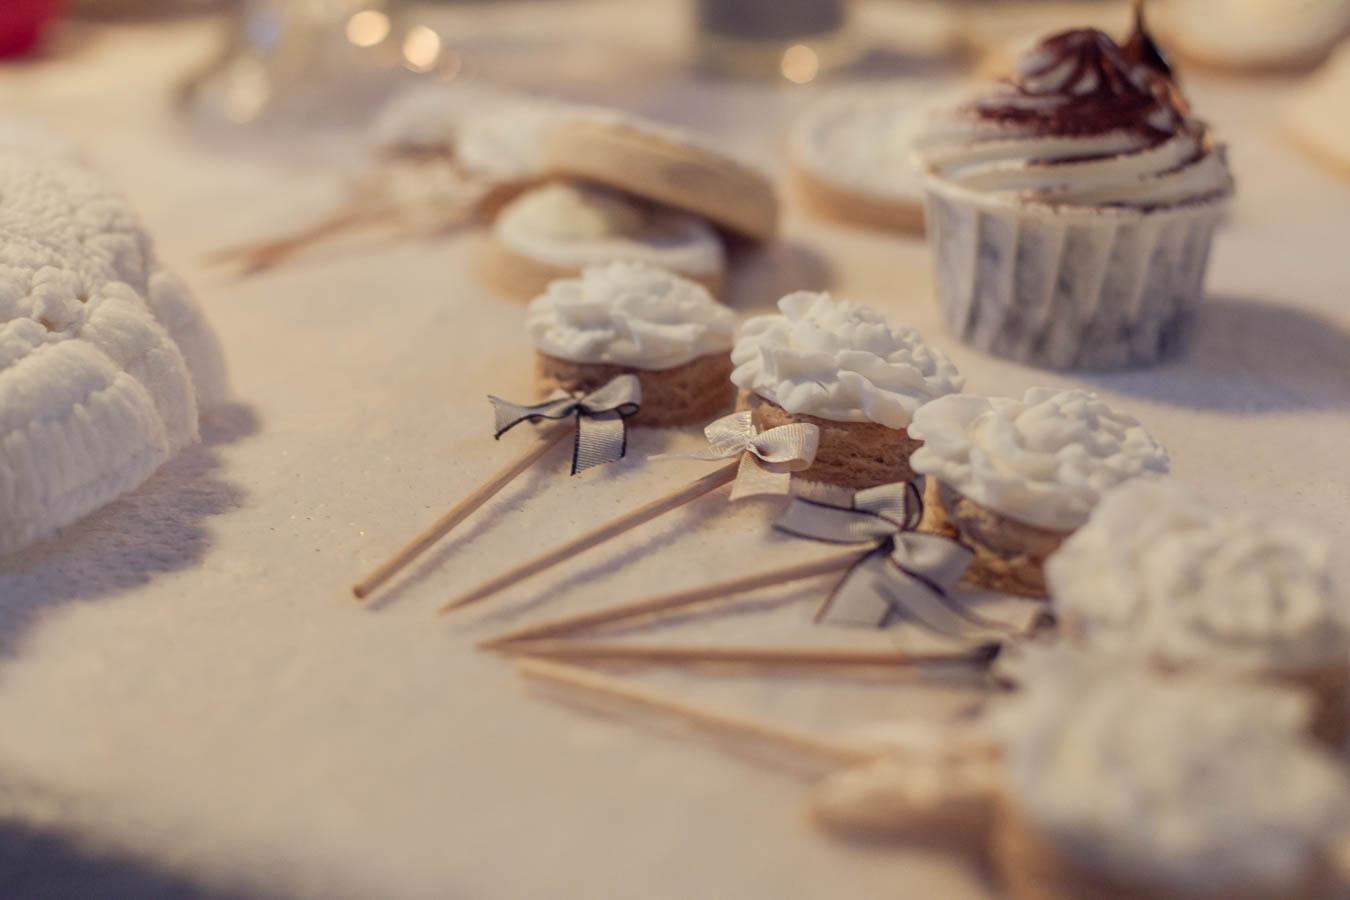 mariage-preparatifs-blog-les-chroniques-de-myrtille-blog-4